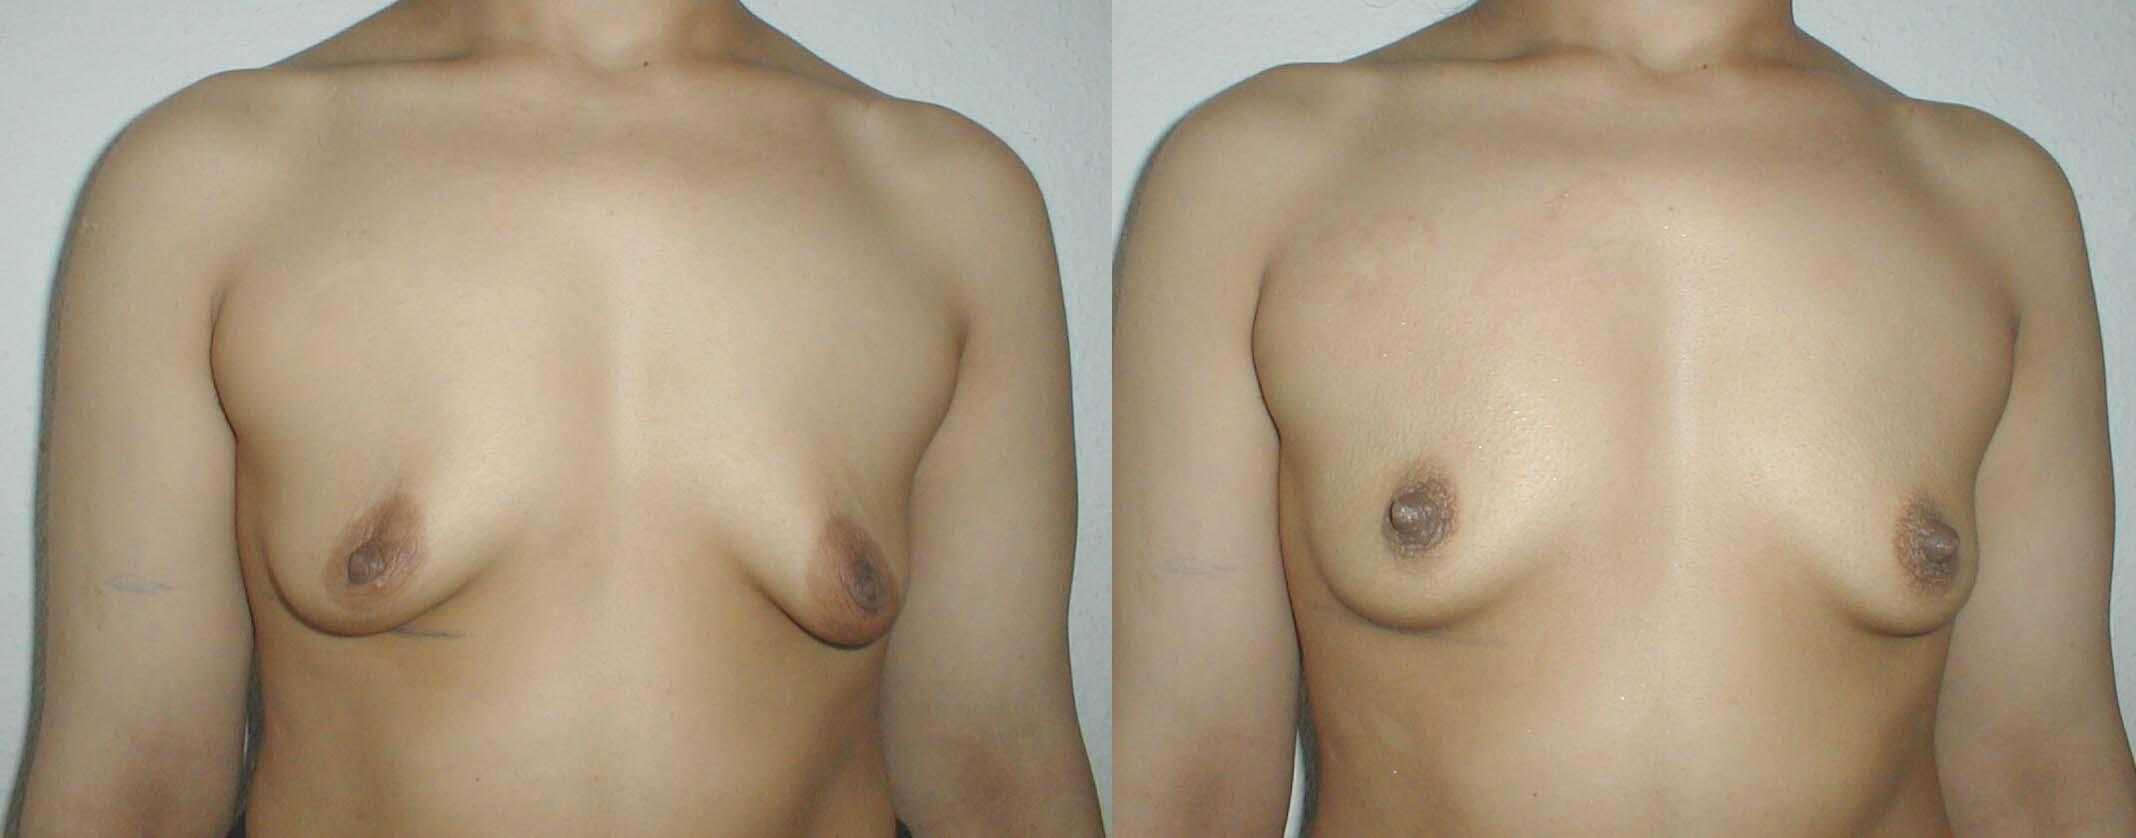 Силикованная грудь фото 12 фотография